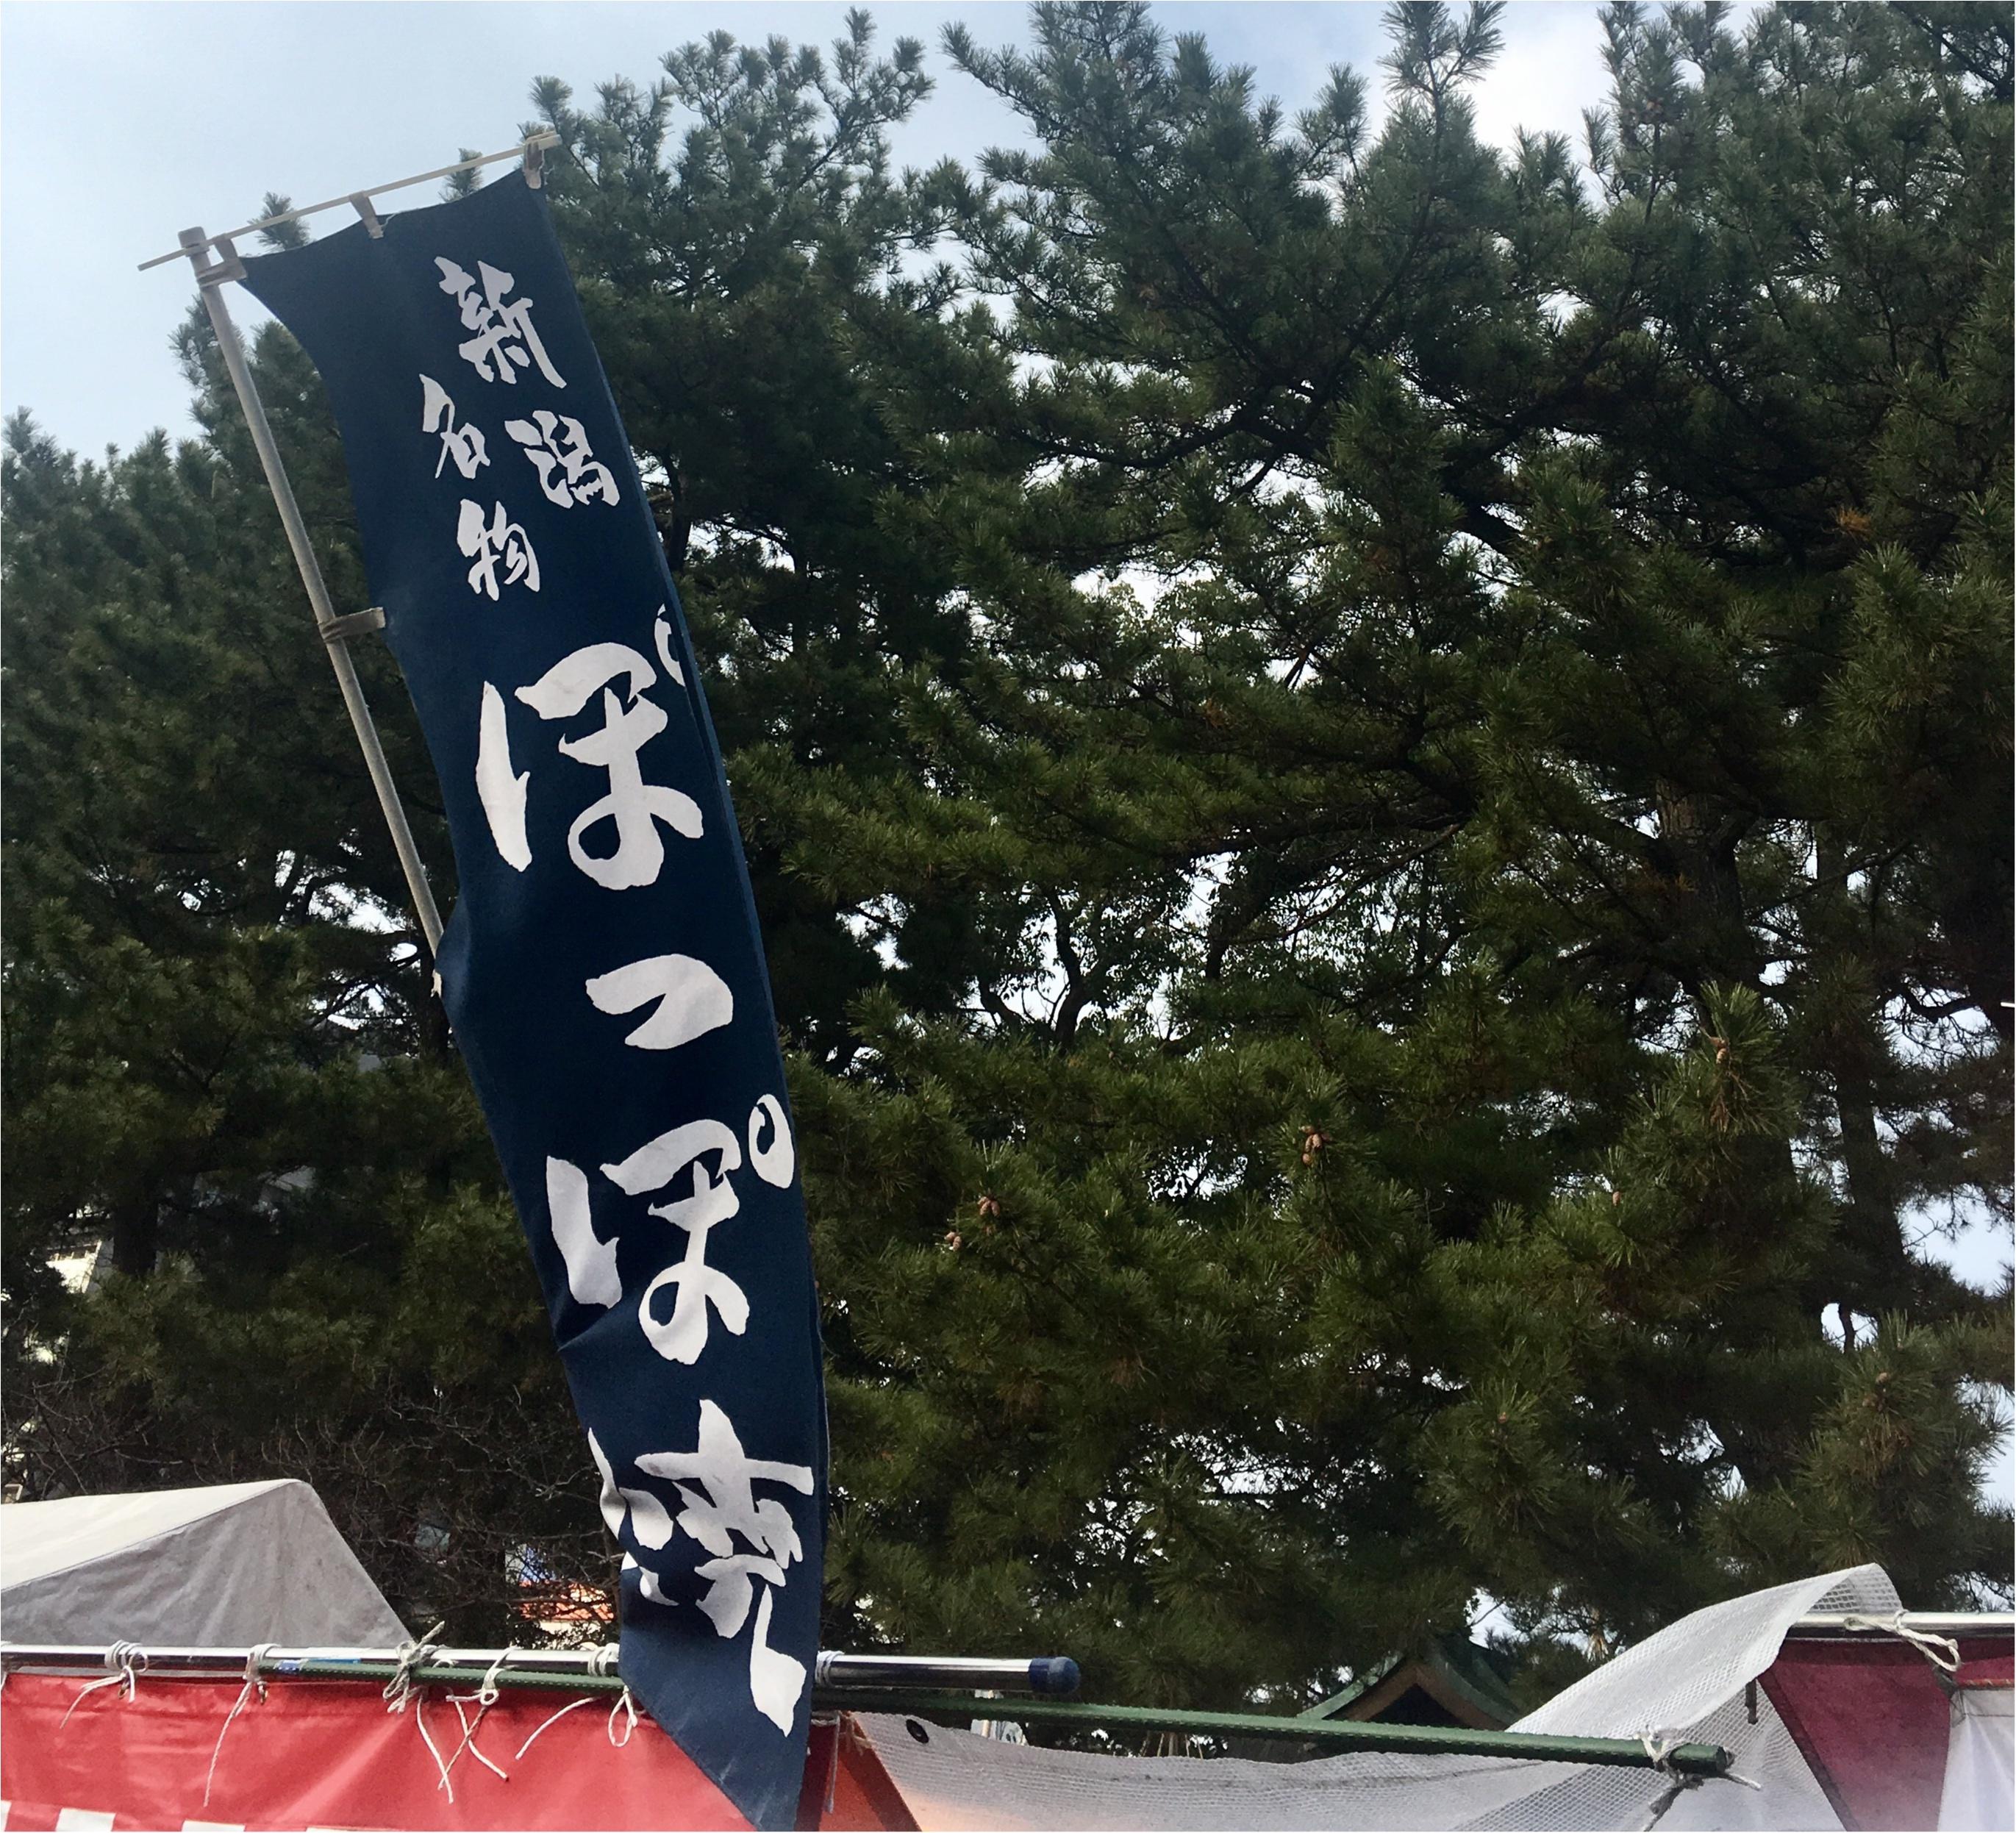 【旅行▶グルメ】もう東京駅でも食べられないあのアイスから定番B級グルメや海の幸まで♡新潟のオススメグルメ_10